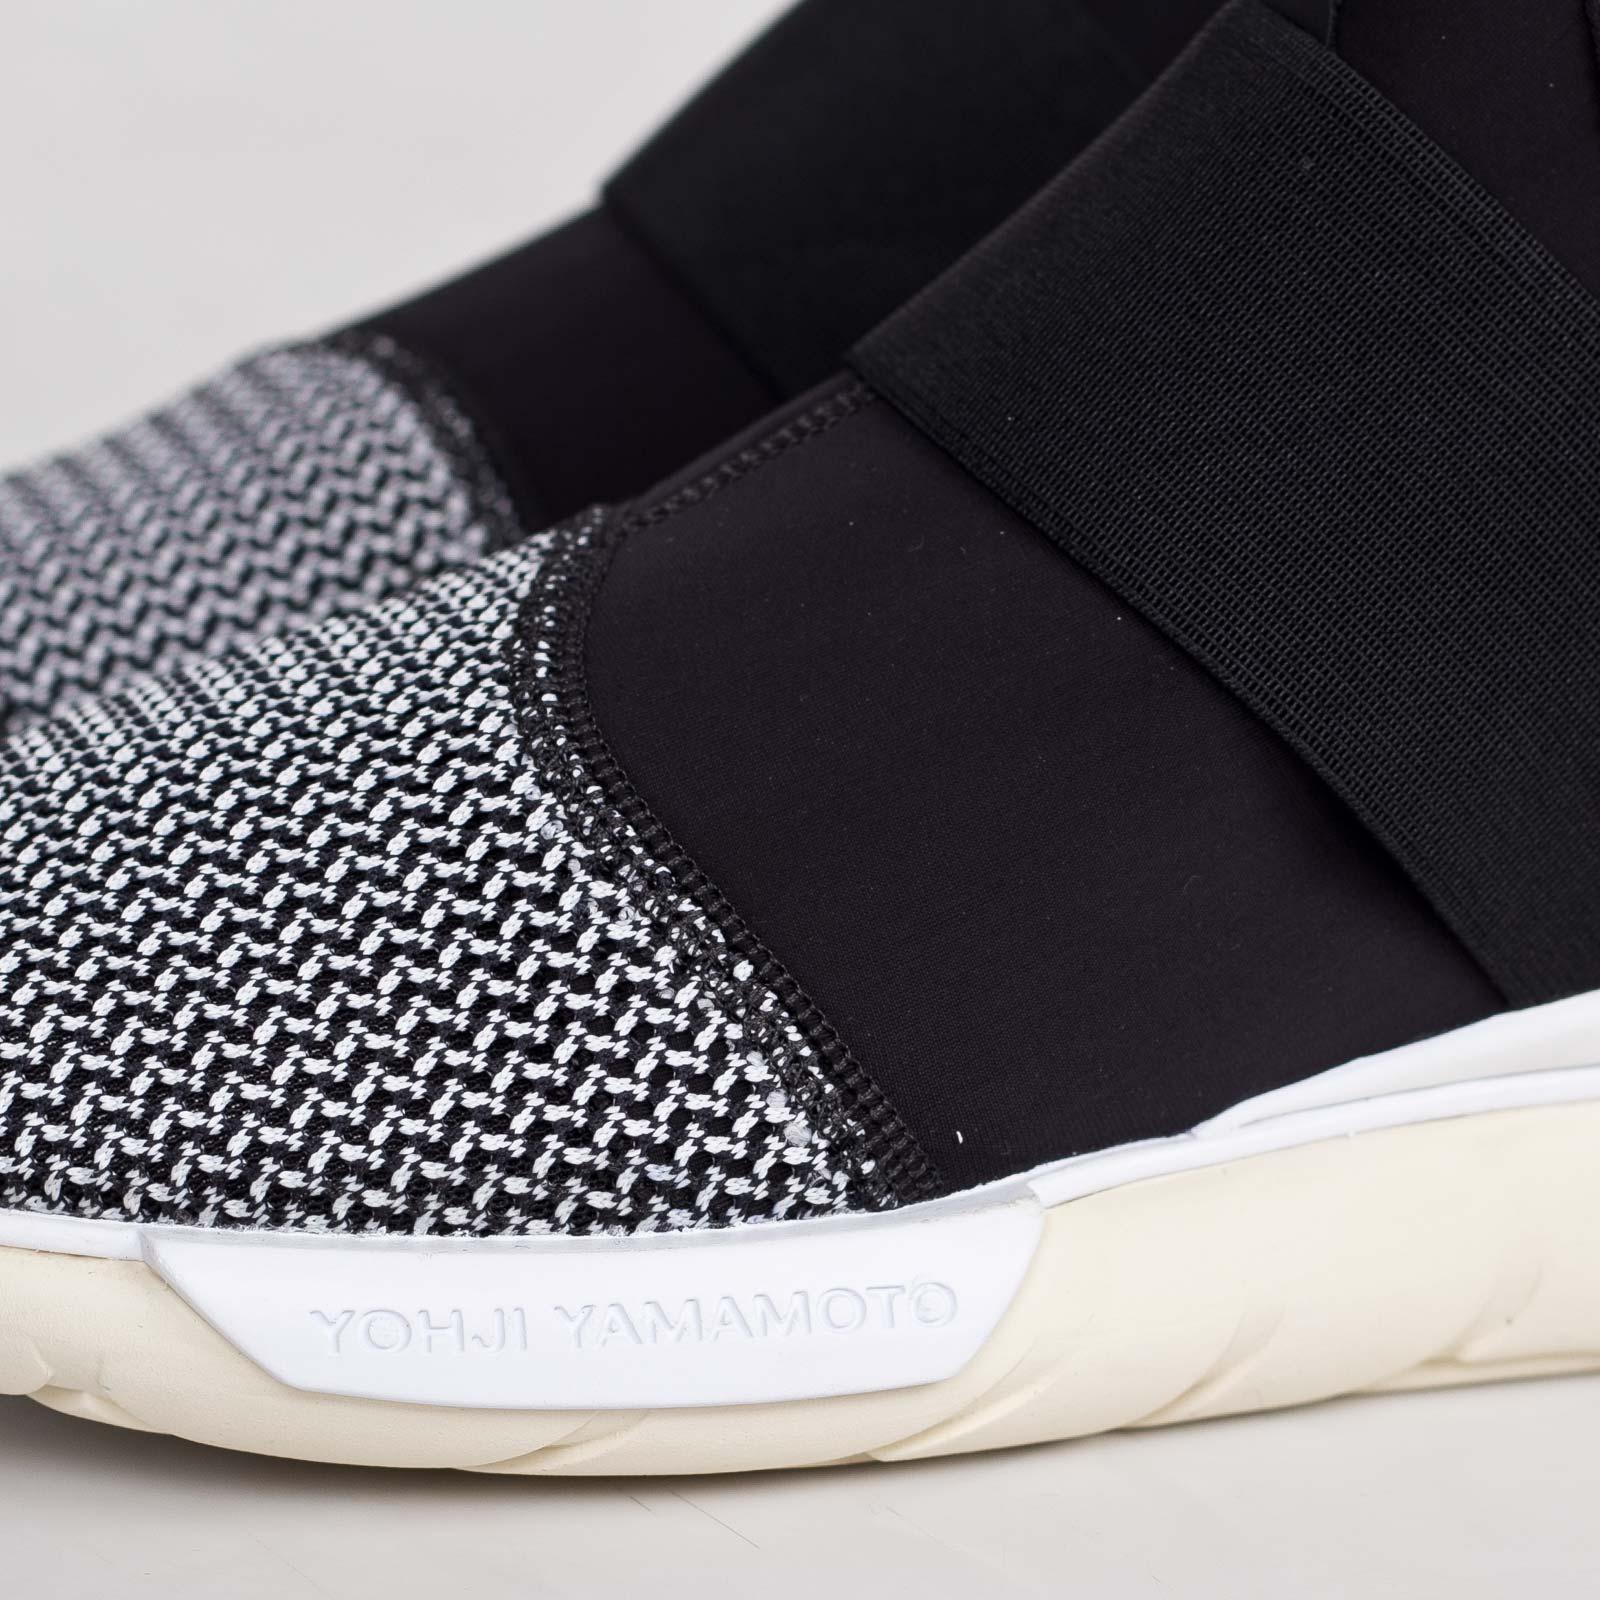 08ac161ea adidas Y-3 Qasa Low II - B35675 - Sneakersnstuff